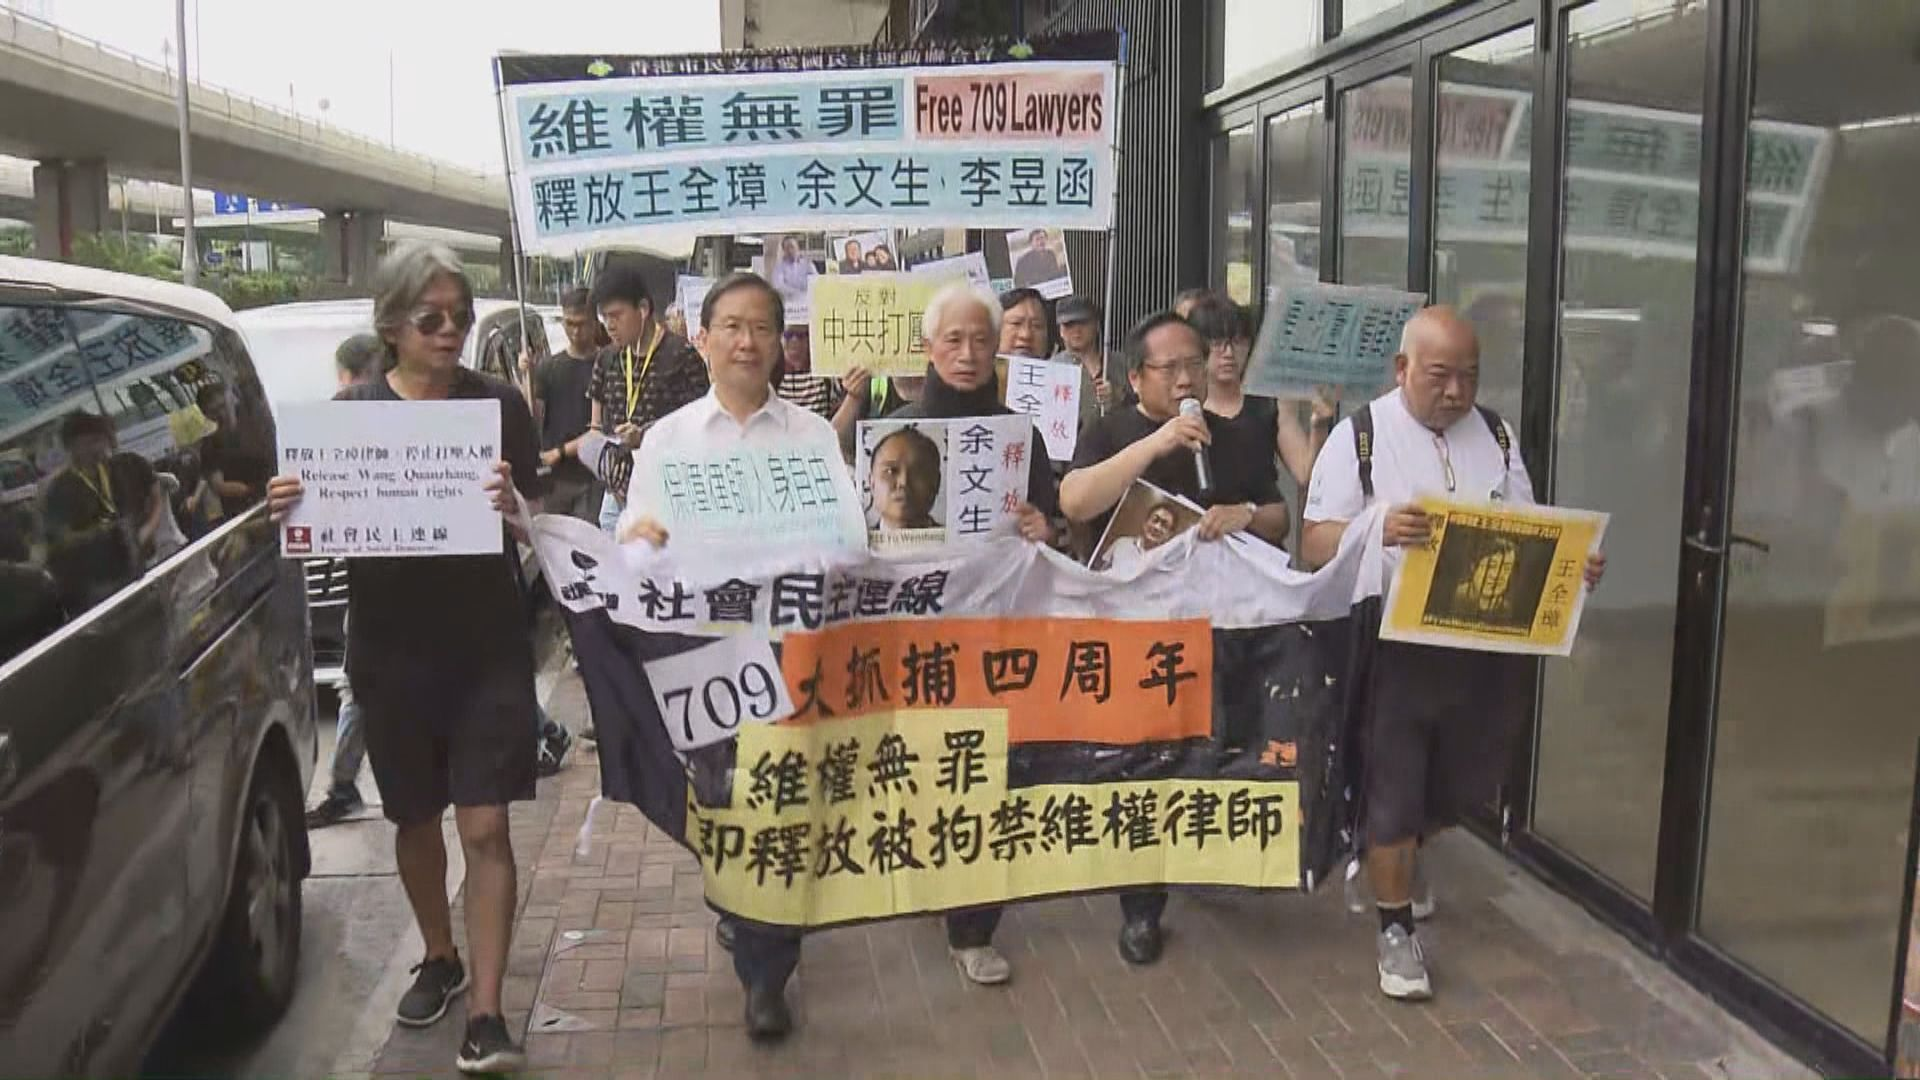 支聯會等遊行促釋放709大抓捕被捕人士